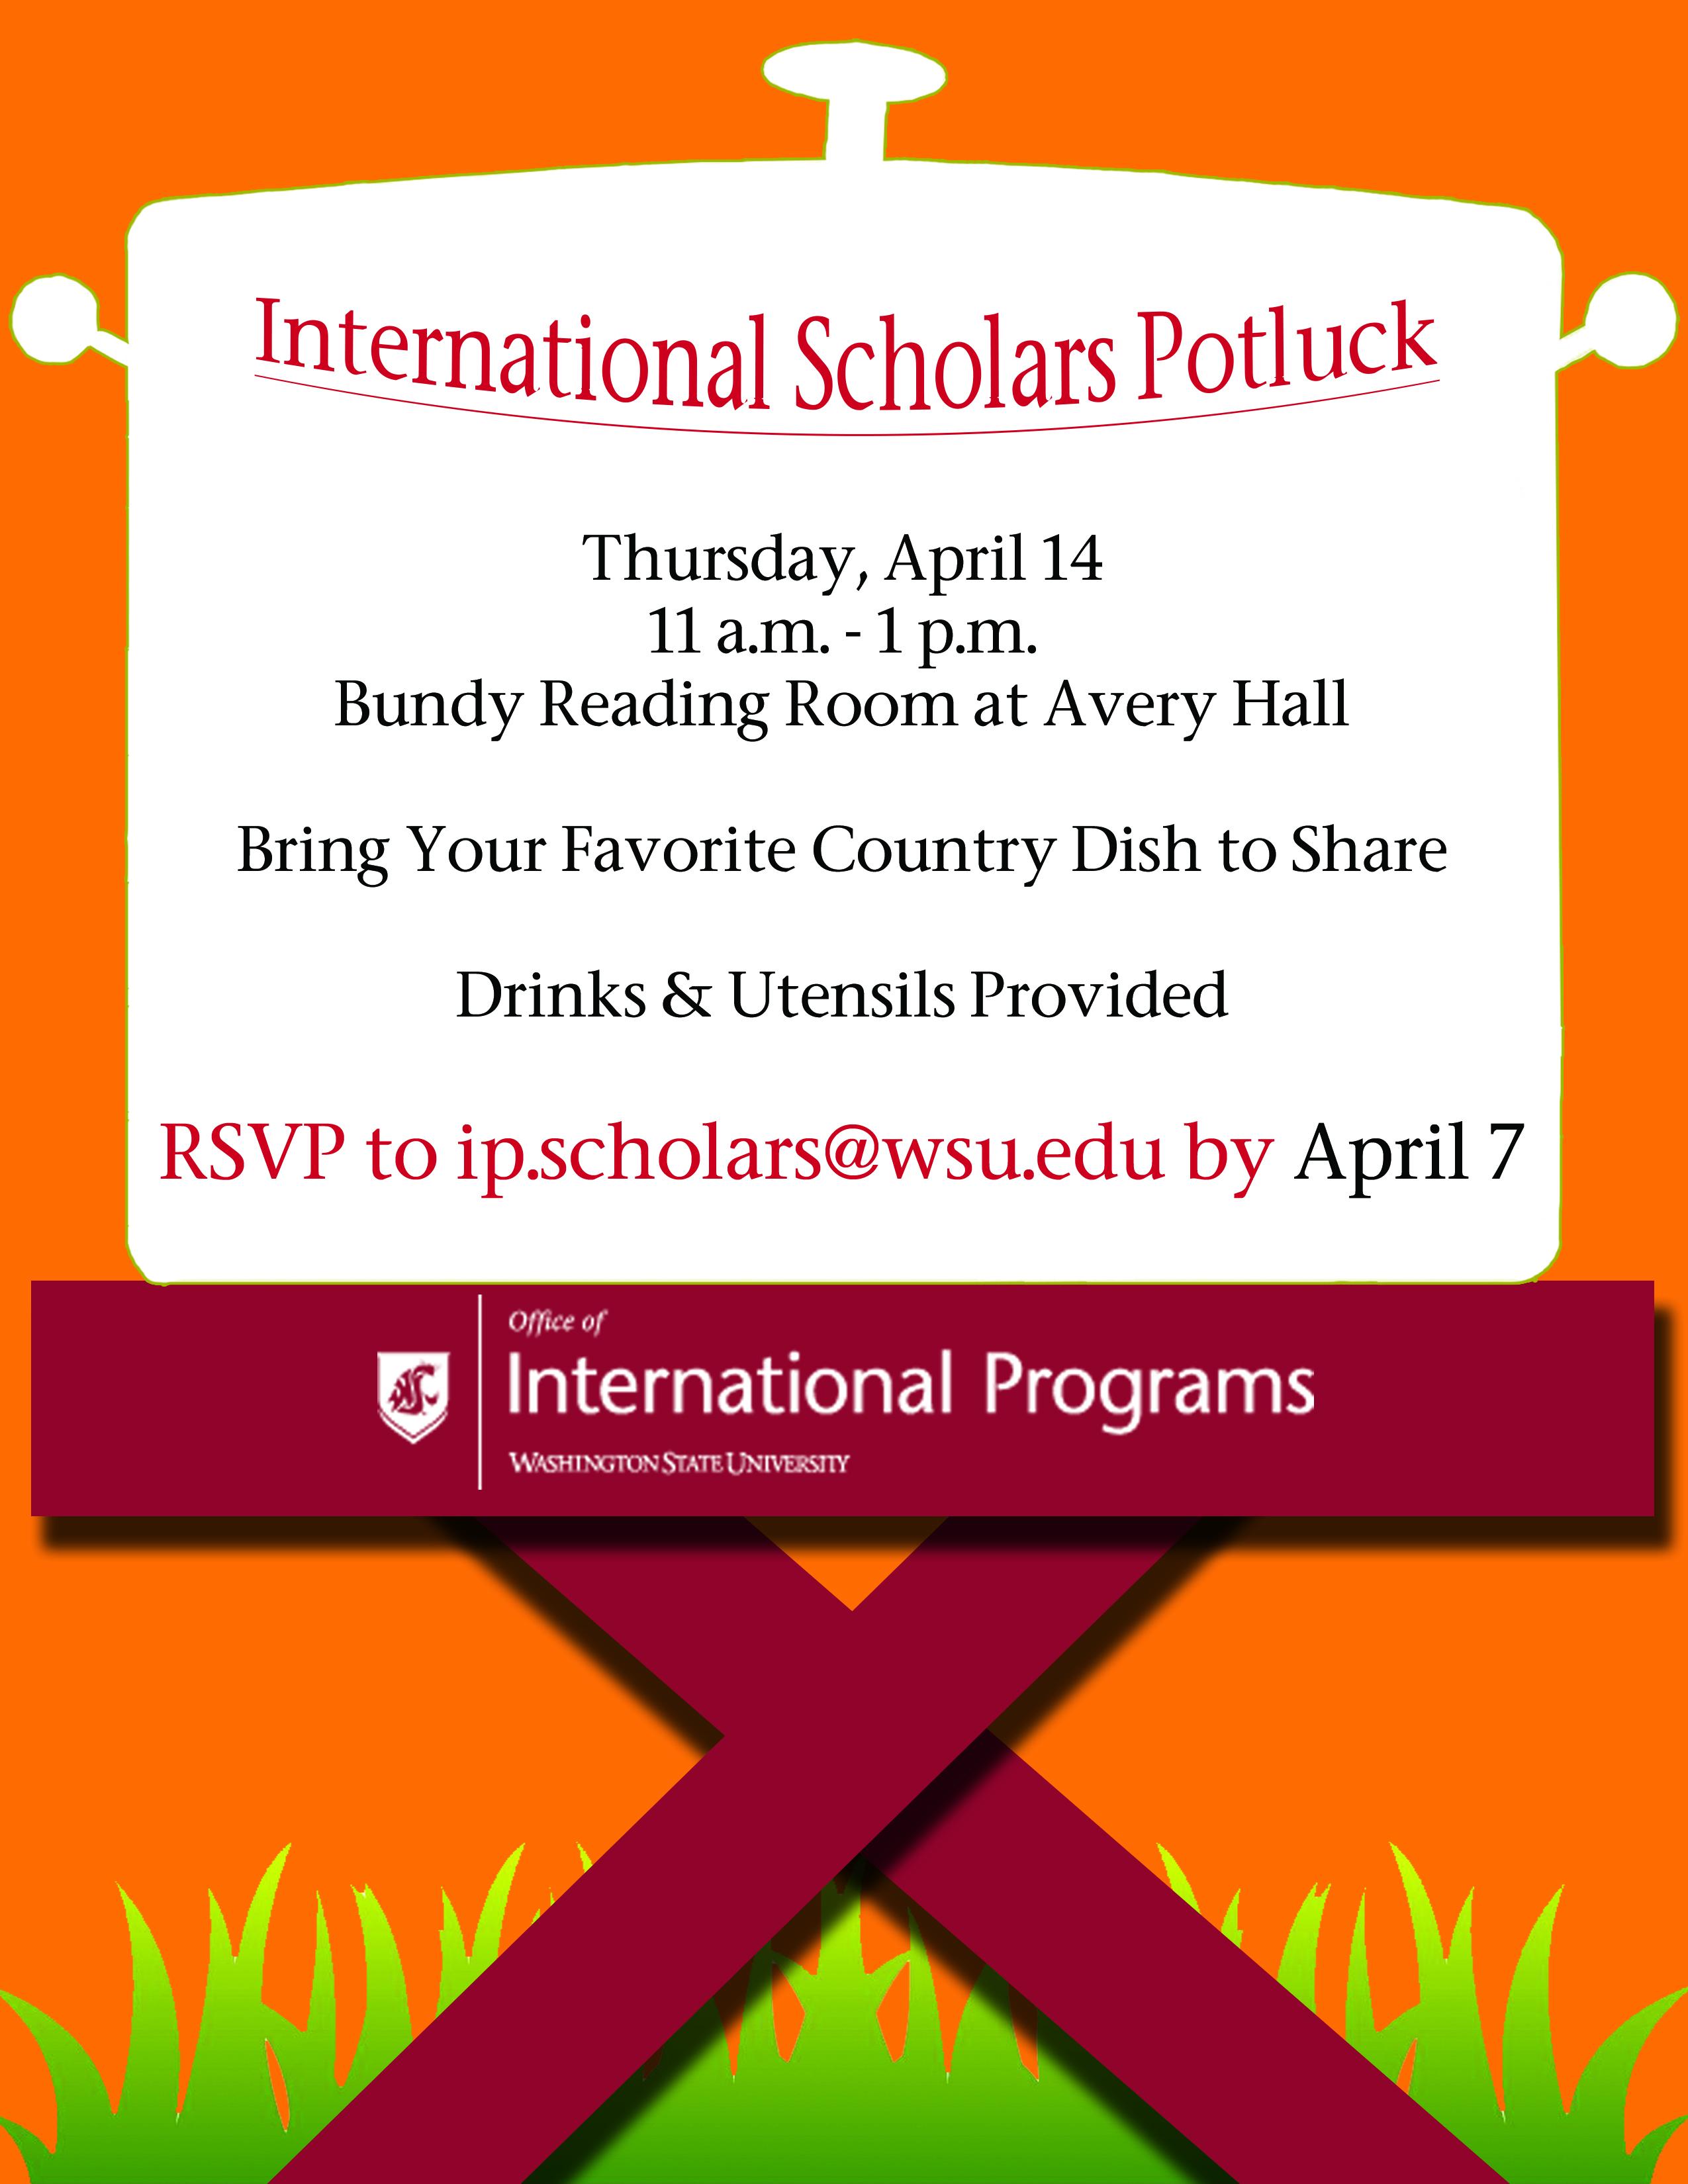 international scholars potluck office of international programs